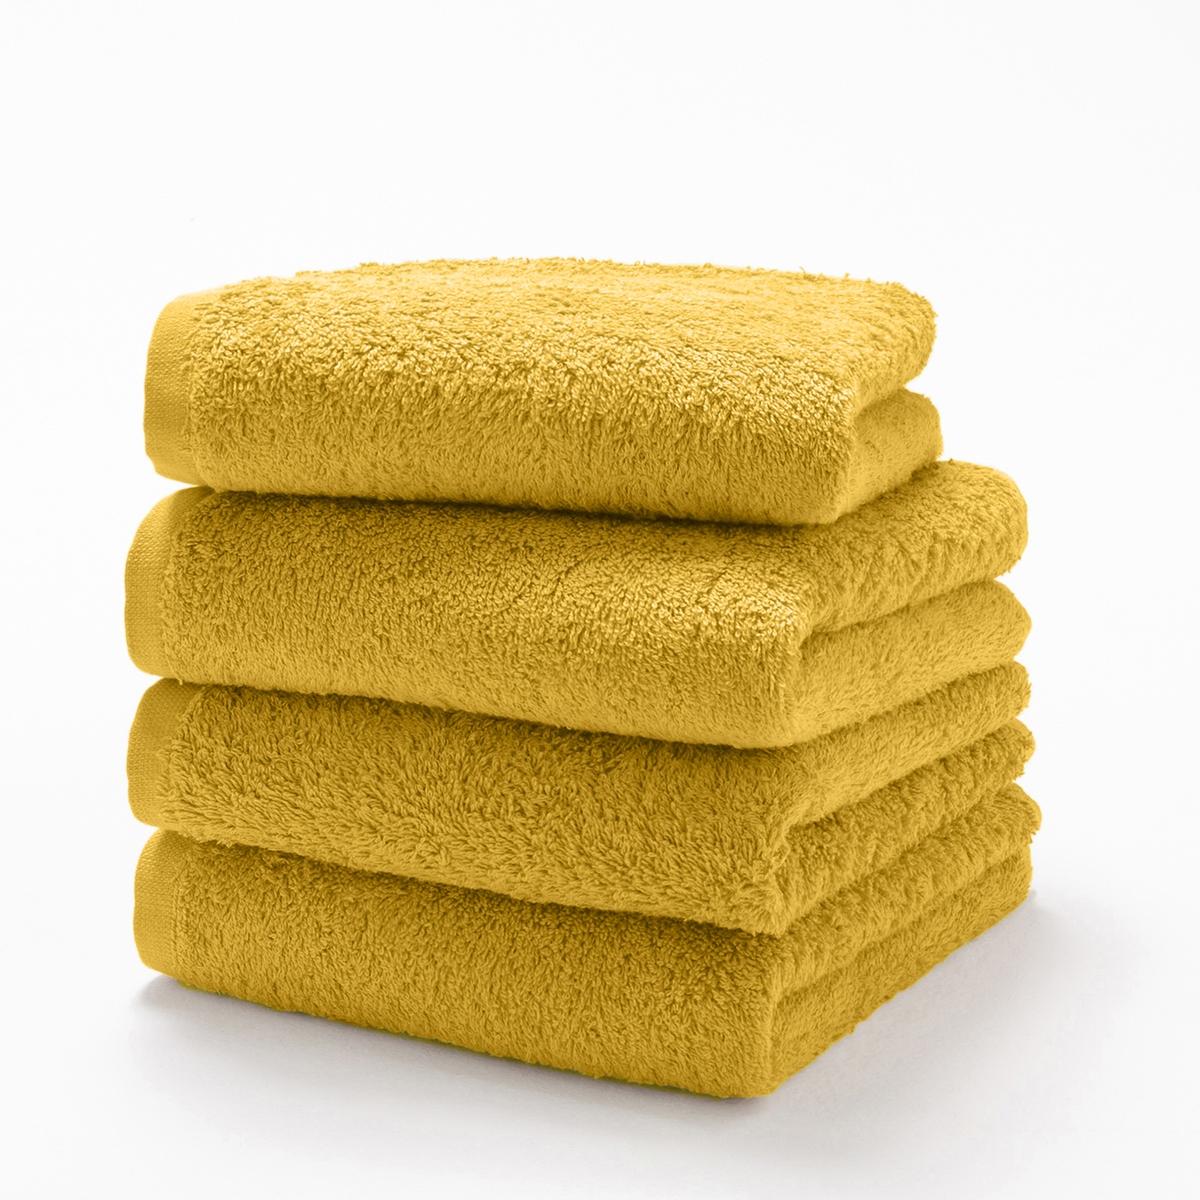 Комплект из 4 гостевых полотенец 500 г/м?Комплект из 4 гостевых полотенец из махровой ткани, 100% хлопок (500 г/м?), невероятно нежной, мягкой и отлично впитывающей влагу.Полотенца разных цветов для ванной...Характеристики 4 однотонных гостевых полотенец :- Махровая ткань, 100% хлопок (500 г/м?).- Отделка краев диагонали.- Машинная стирка при 60 °С.- Машинная сушка.- Замечательная износоустойчивость, сохраняет мягкость и яркость окраски после многочисленных стирок.- Размеры полотенца : 40 x 40 см.- В комплекте 4 полотенца. Знак Oeko-Tex® гарантирует, что товары протестированы и сертифицированы, не содержат вредных веществ, которые могли бы нанести вред здоровью.<br><br>Цвет: красный карминный,светло-розовый,серо-бежевый,сине-зеленый,синий морской волны,темно-серый,черный<br>Размер: 40 x 40  см.40 x 40  см